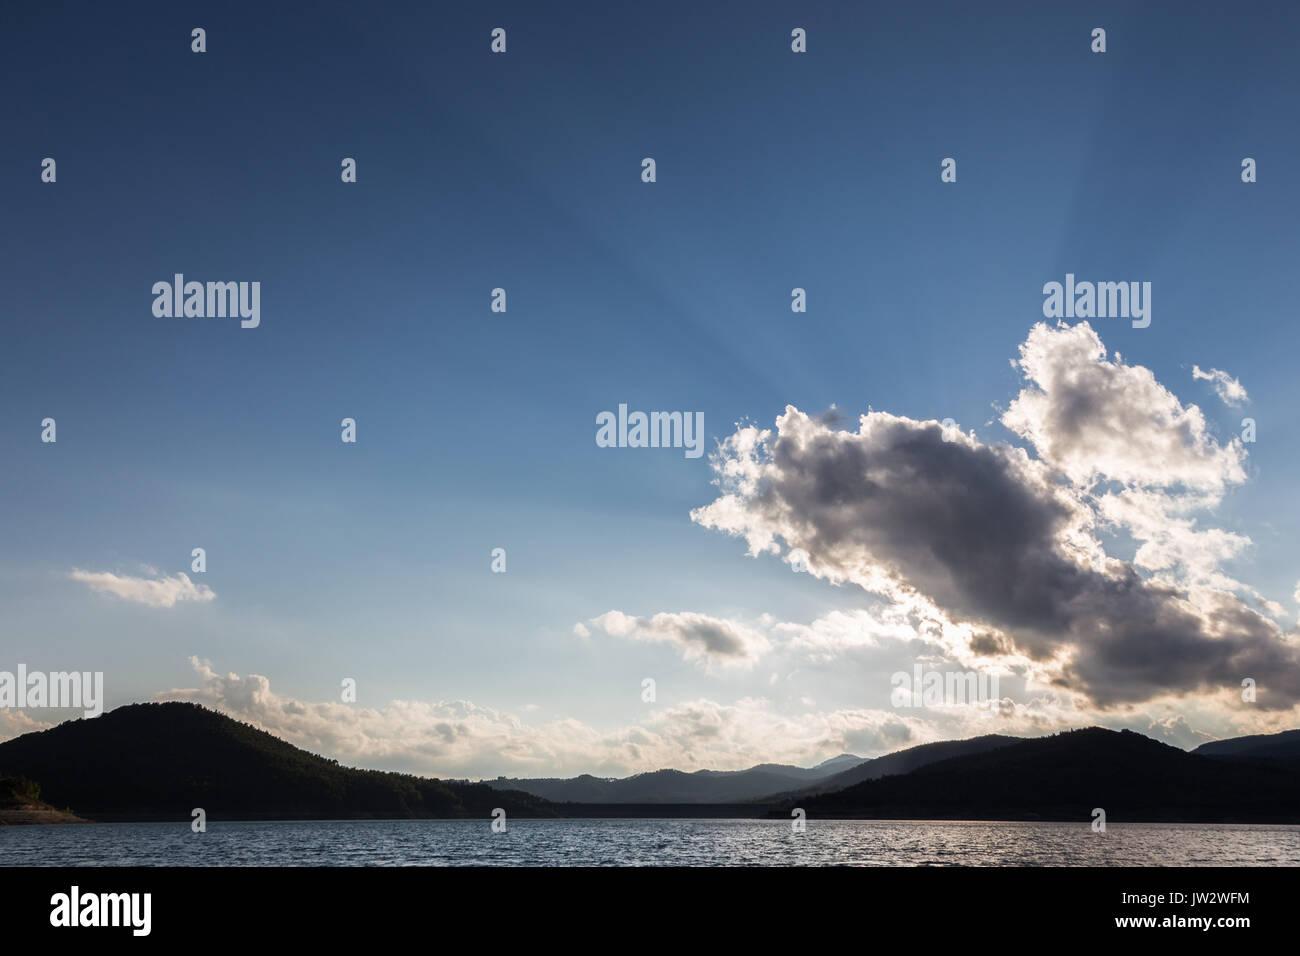 Potenti raggi del sole uscente attraverso alcune nuvole sopra un lago Immagini Stock